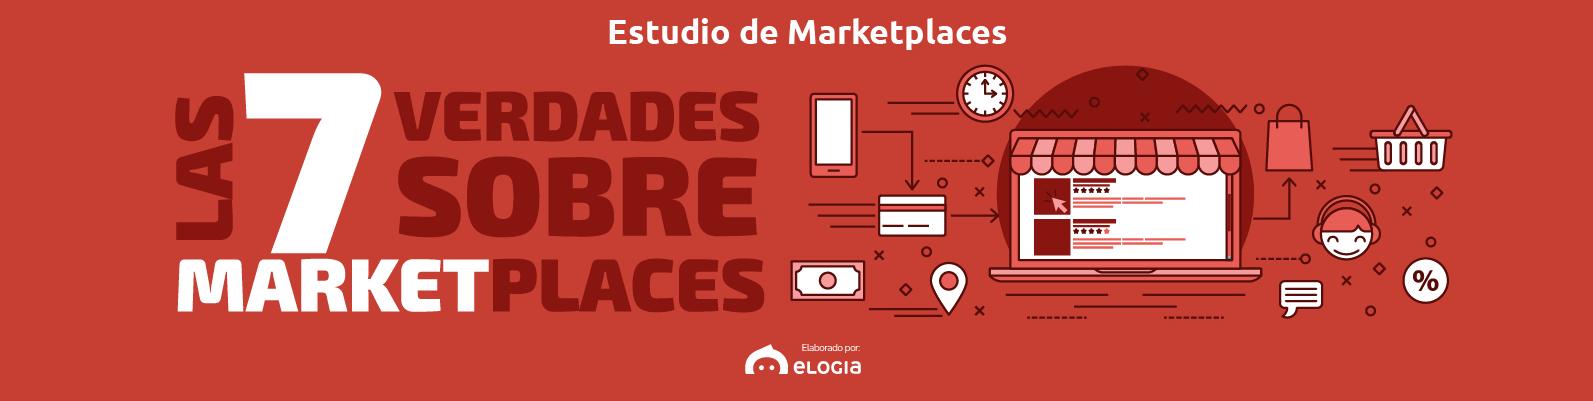 I Estudio Marketplaces : Las 7 verdades sobre los Marketplaces